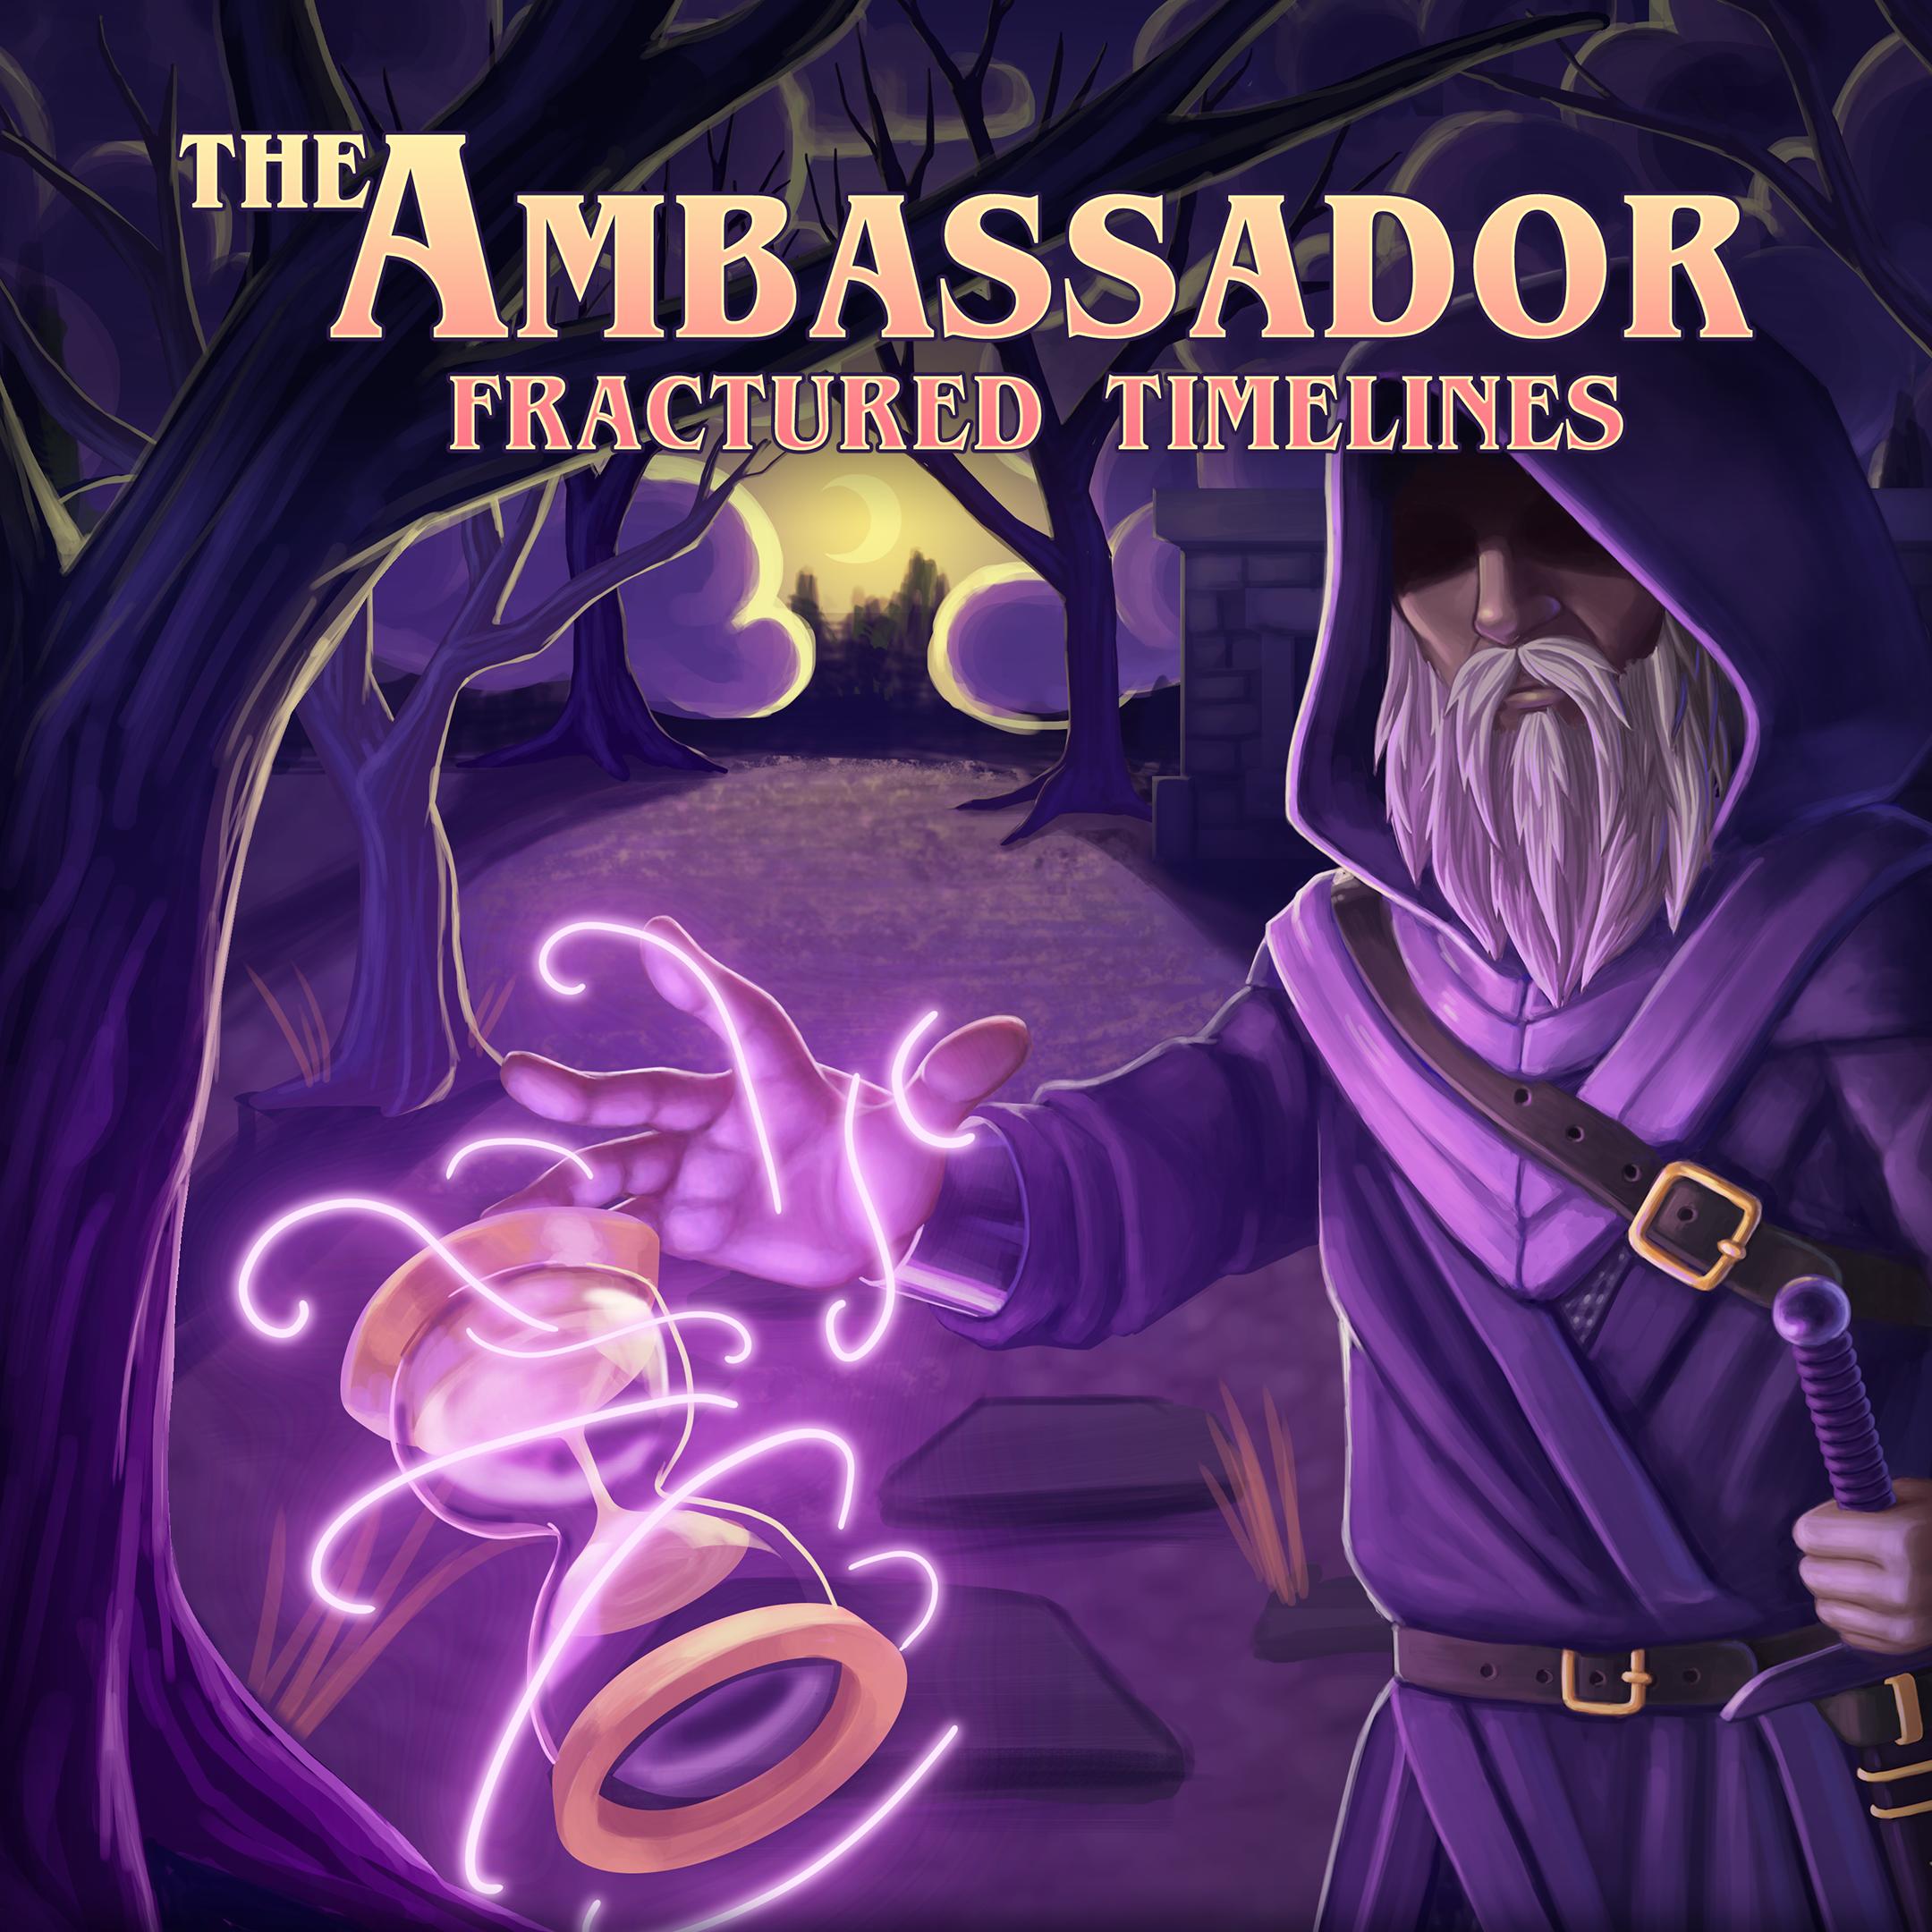 The Ambassador: Fracture Timelines